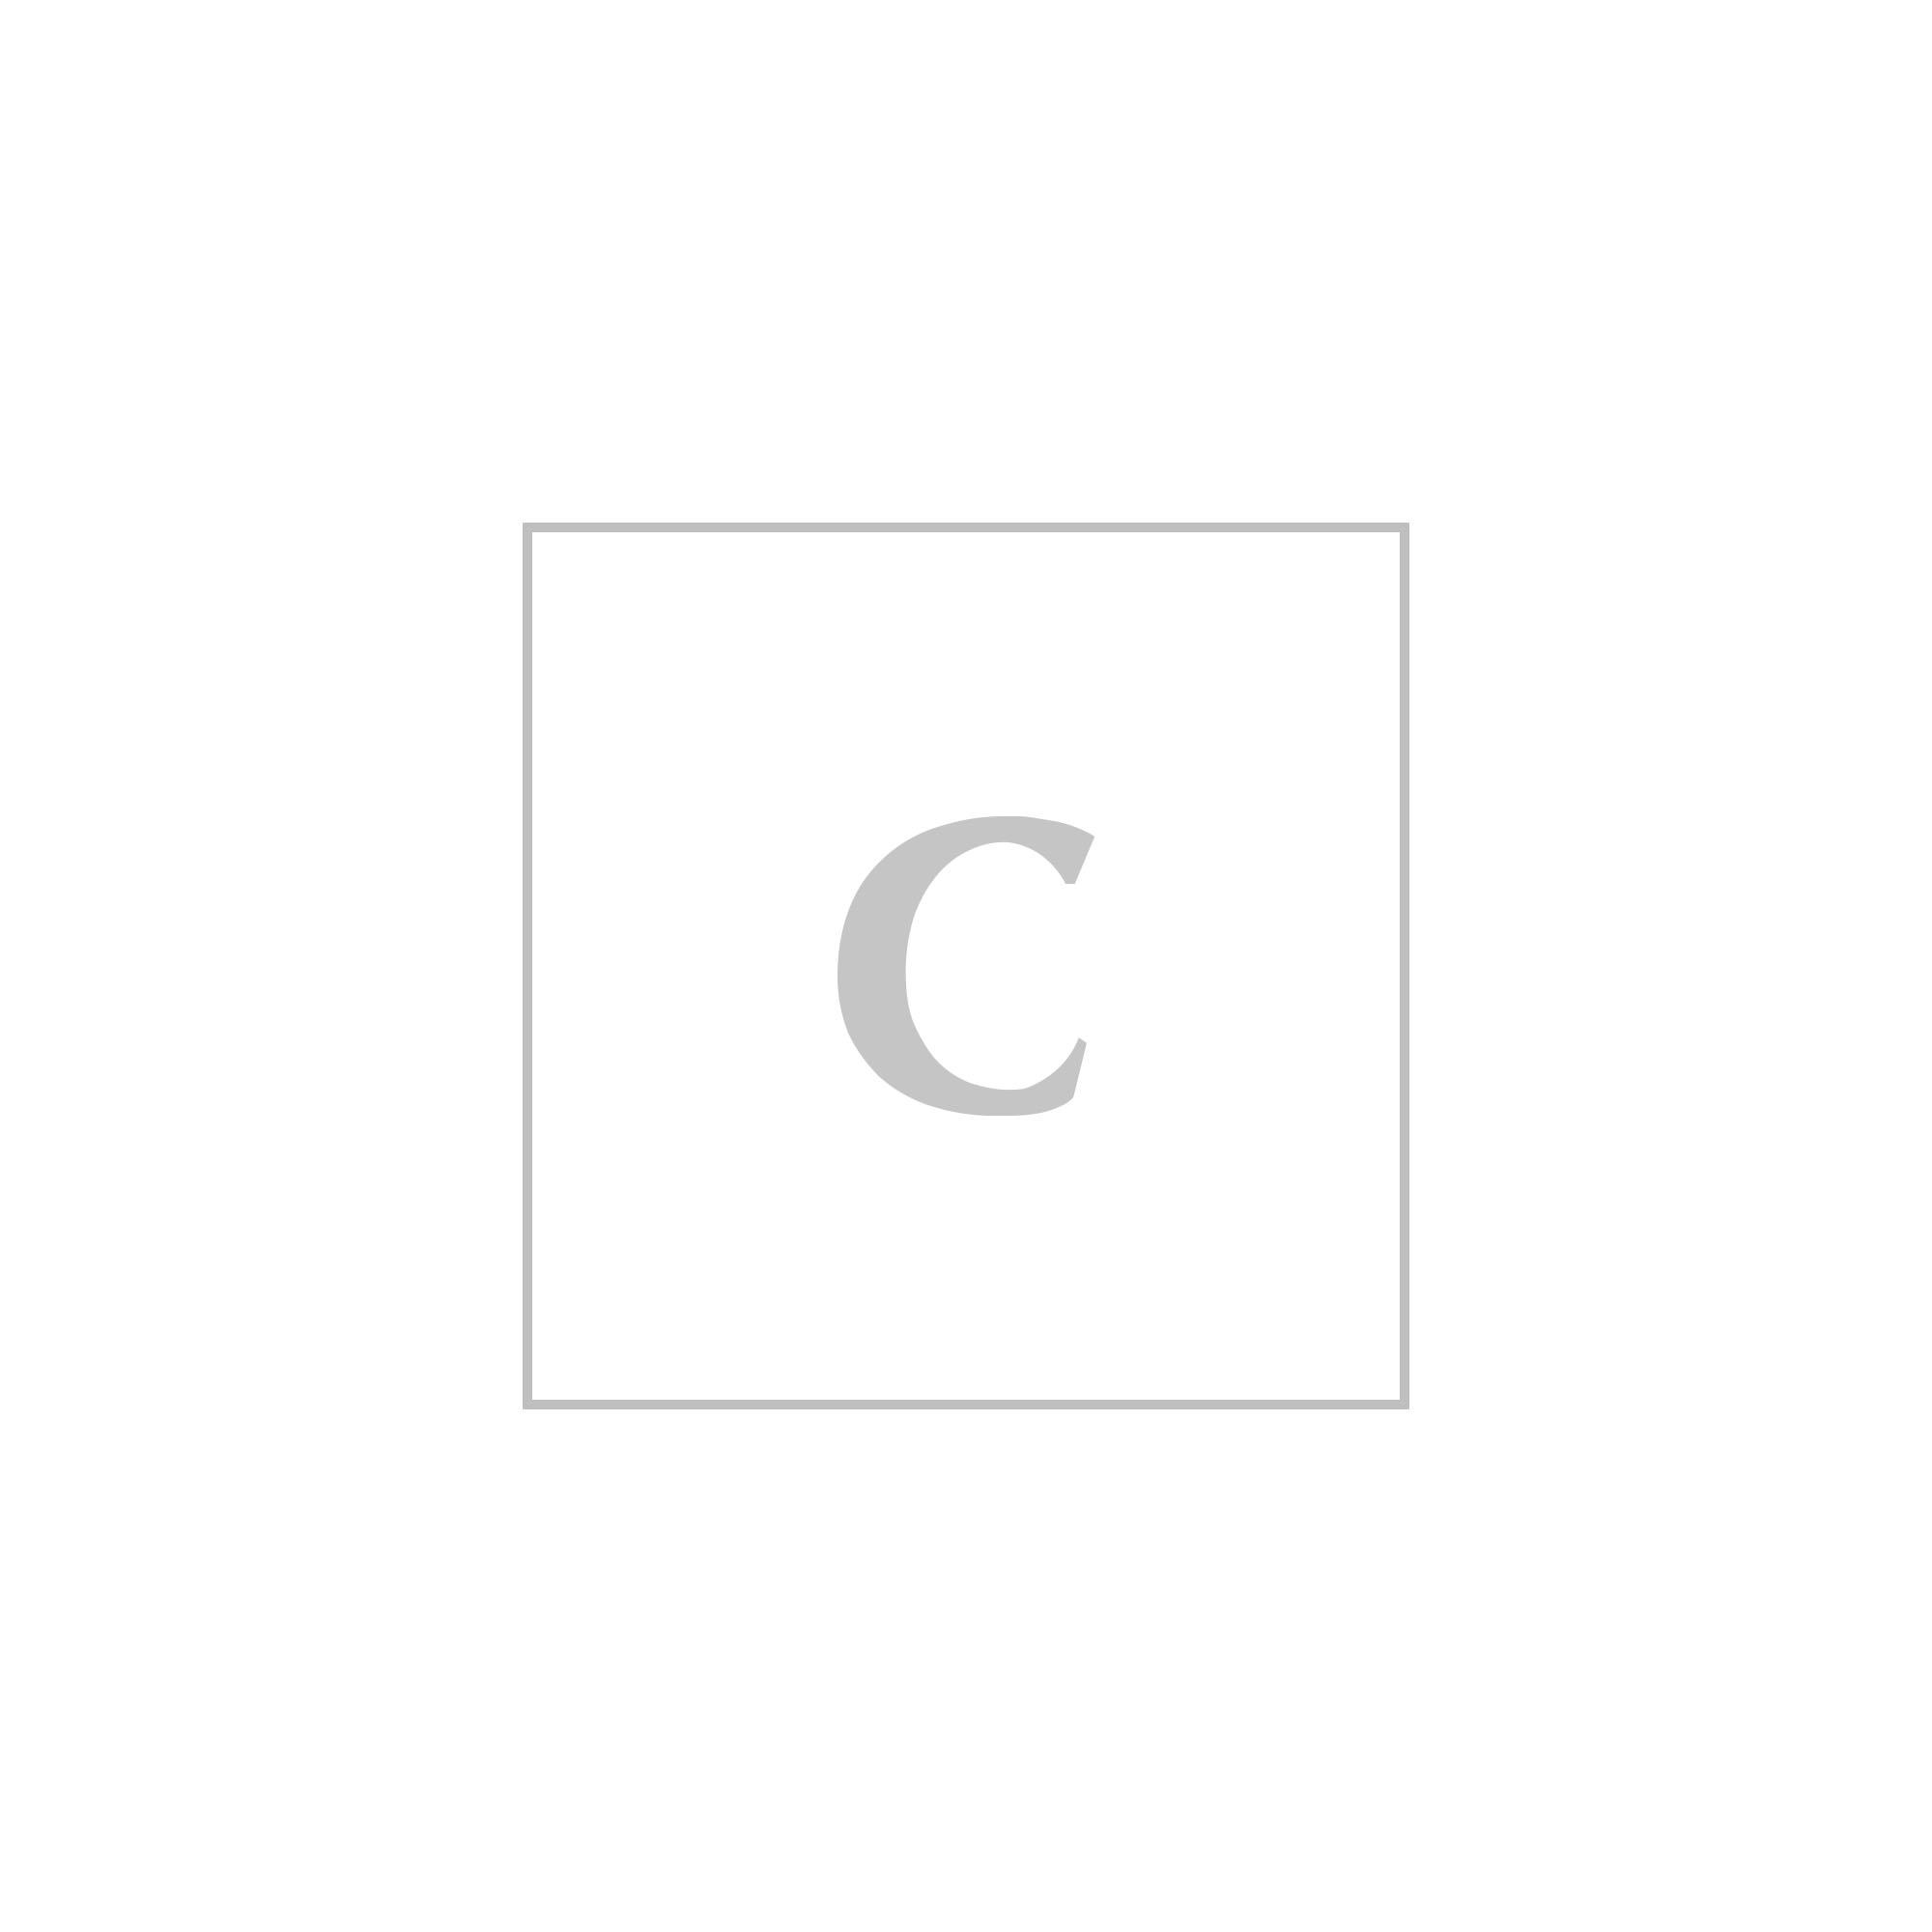 Dolce & gabbana zaino nylon+stampa dauphine